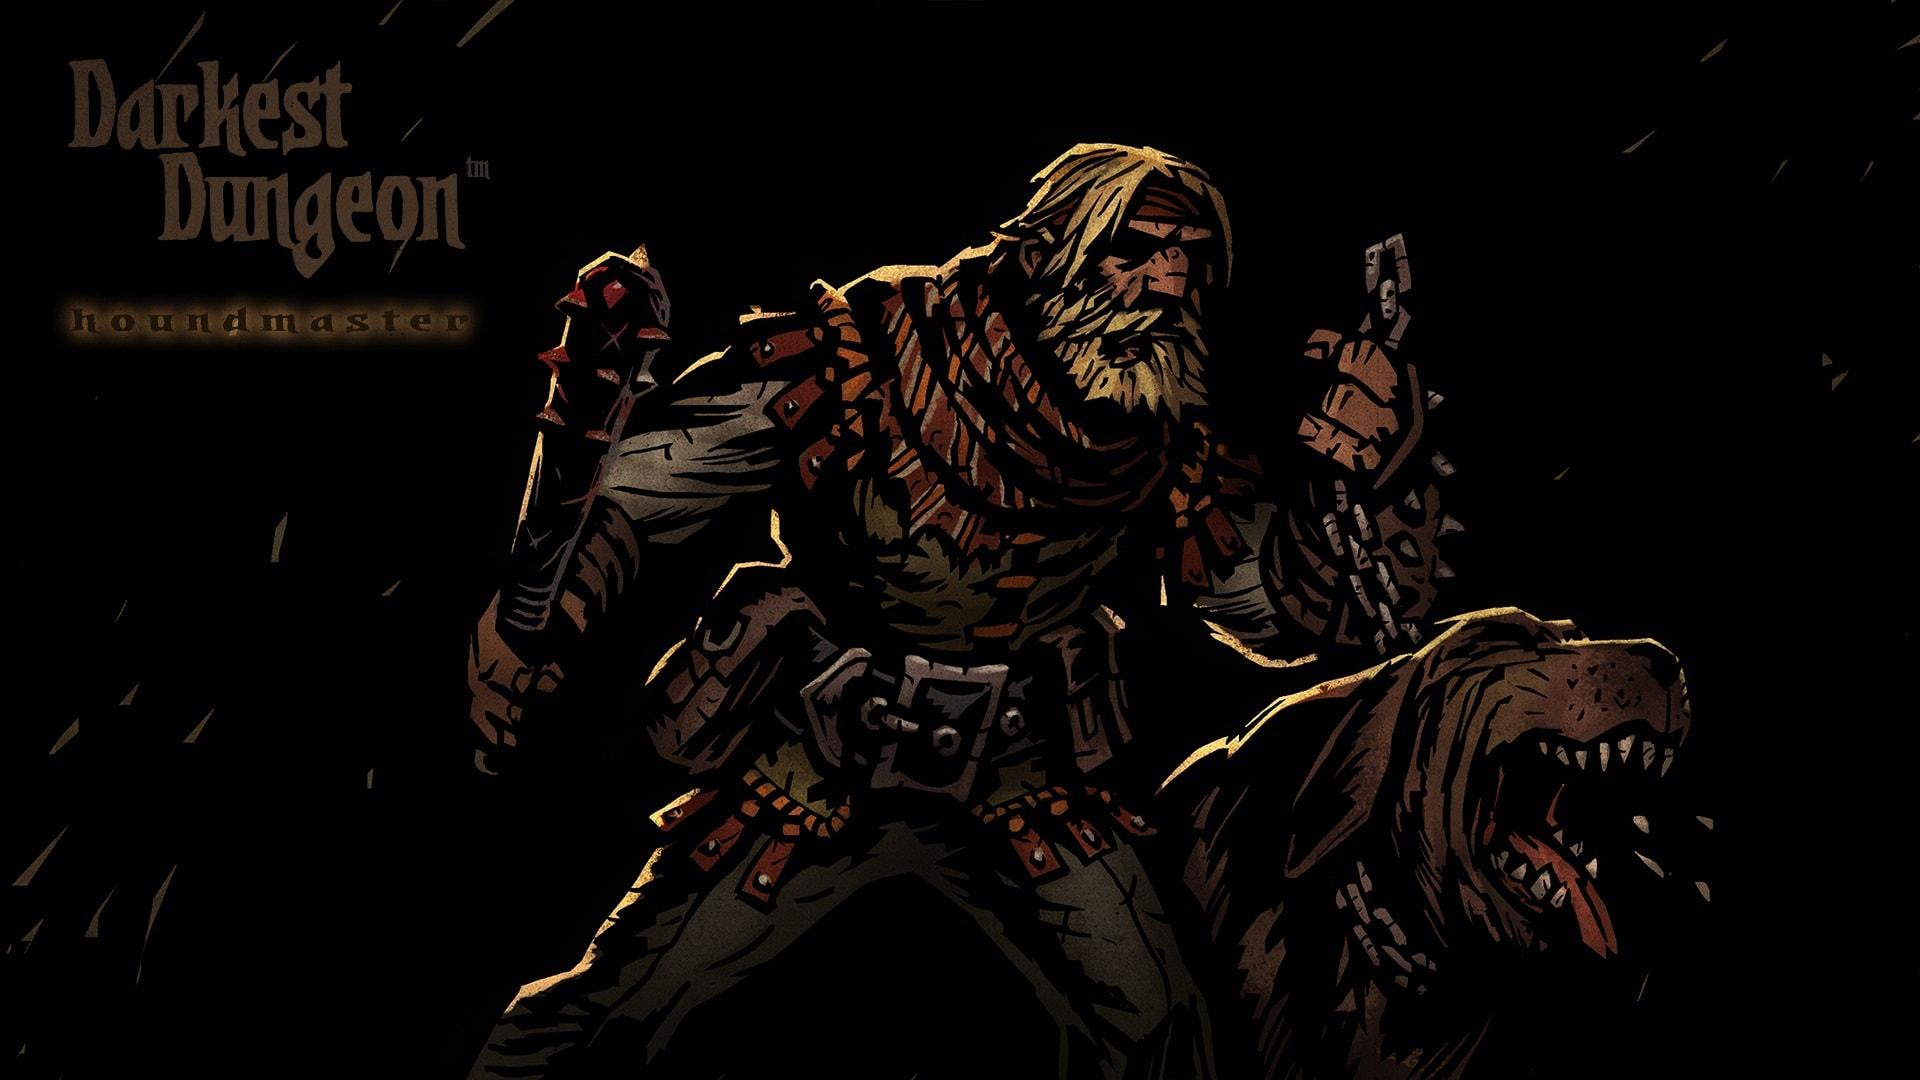 Darkest Dungeon Wallpapers hd